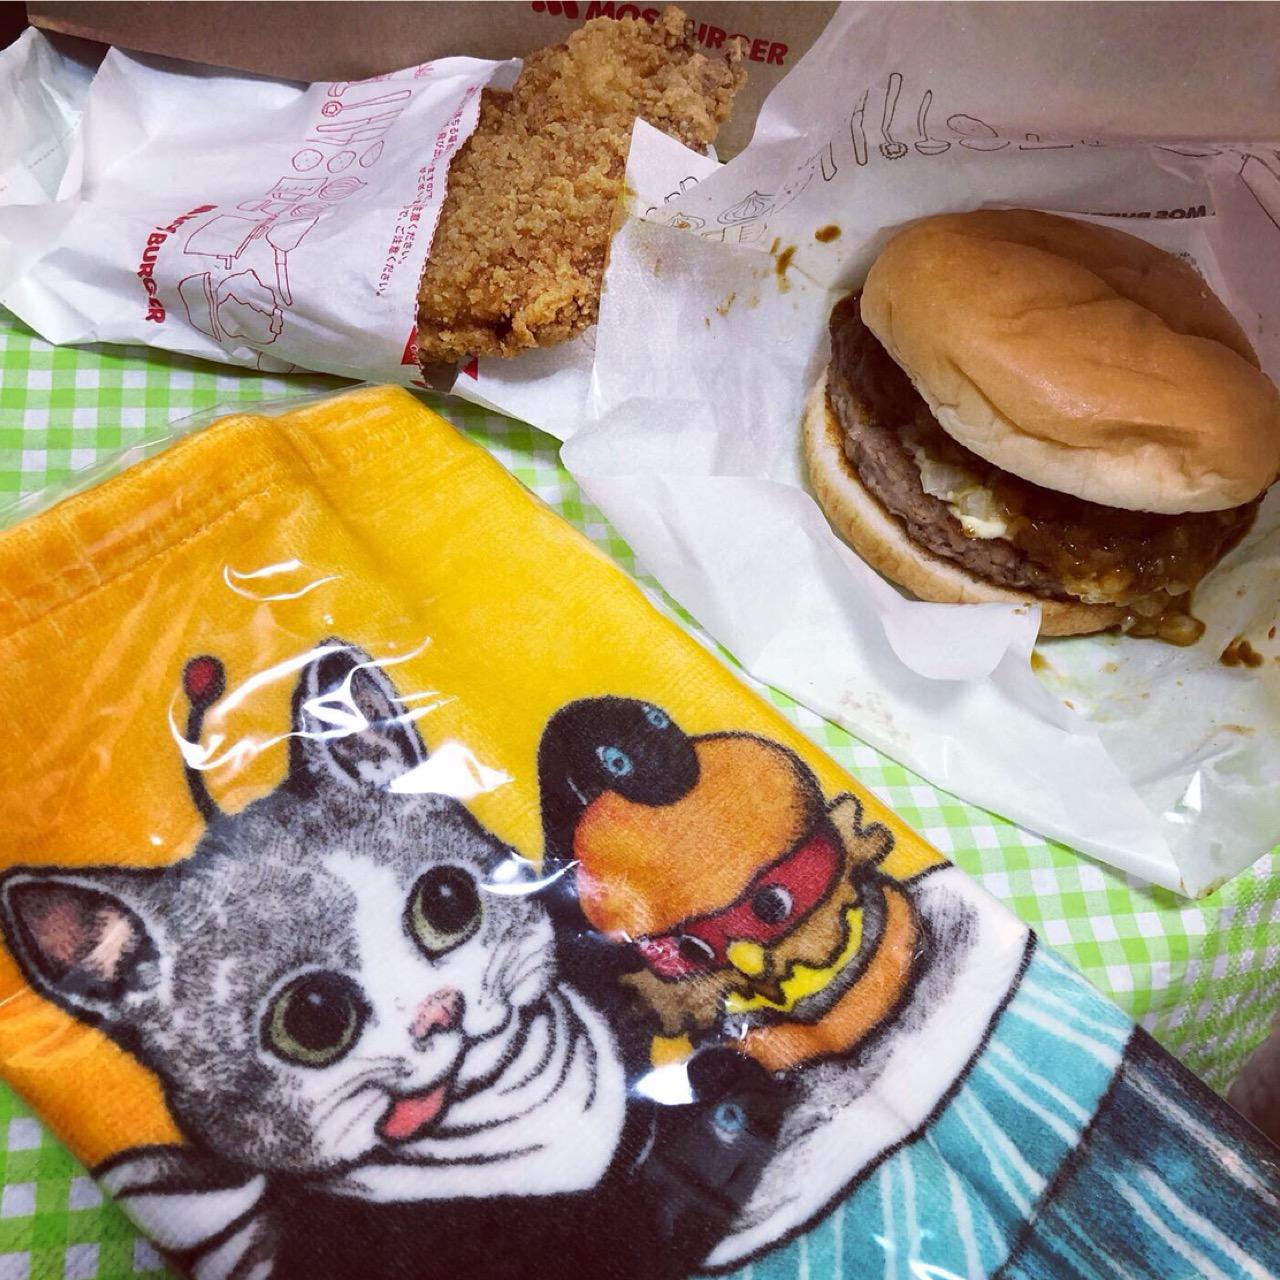 ギュスターヴくんがかわいすぎる♡「ヒグチユウコ オリジナルタオル」がもらえる!スペシャルセットがモスバーガーで限定販売中!♡_1